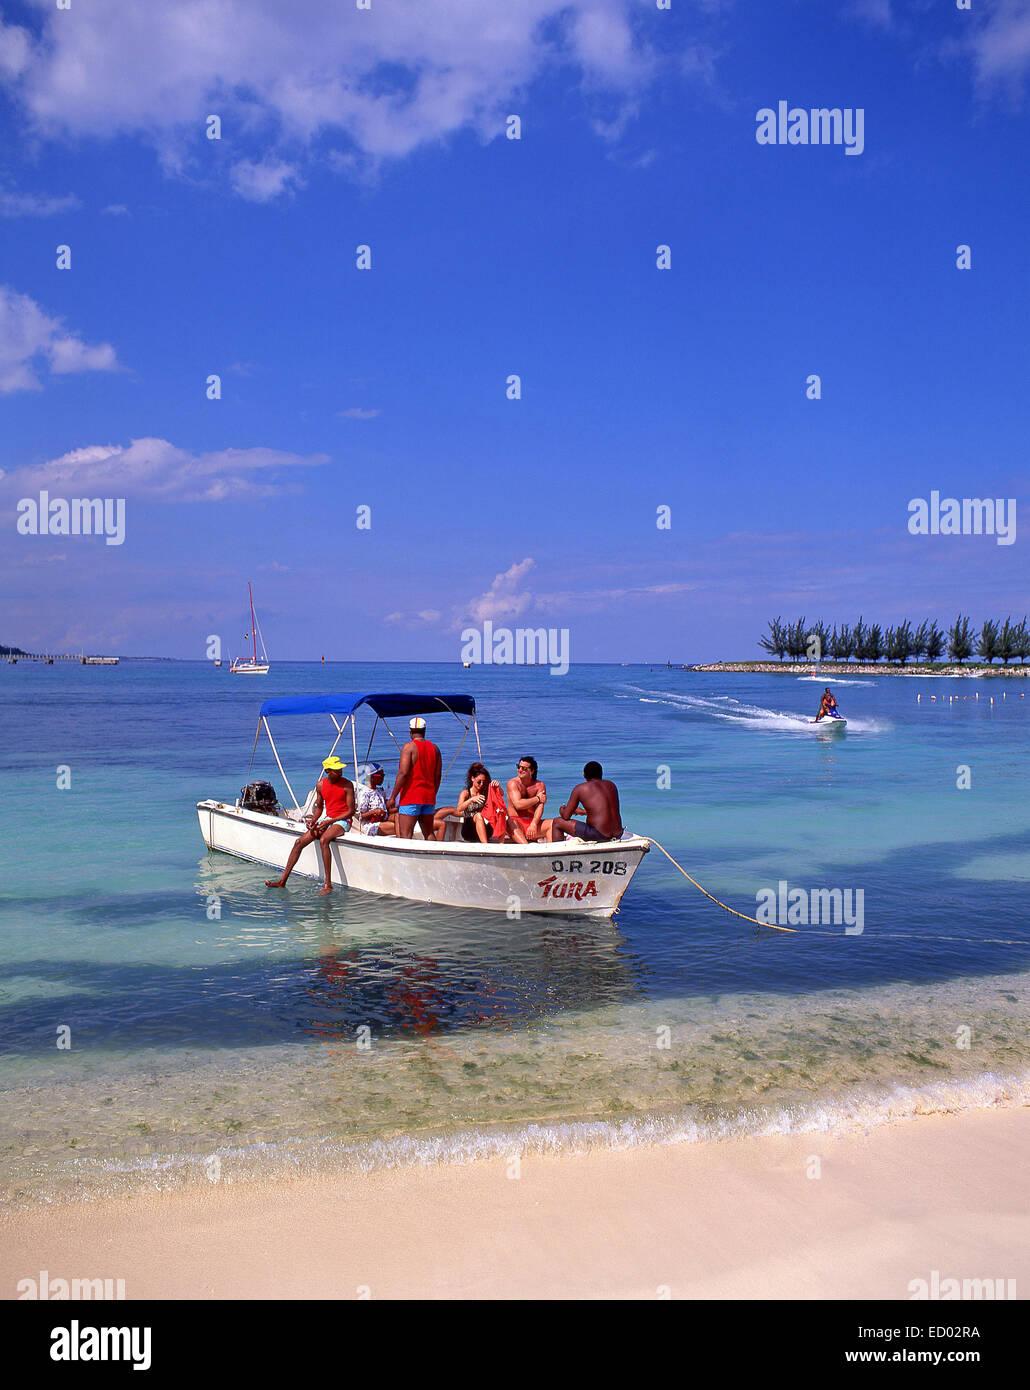 Vista a la playa, Turtle Beach, Ocho Ríos, Saint Ann Parish, Jamaica, Antillas Mayores, el Caribe Foto de stock